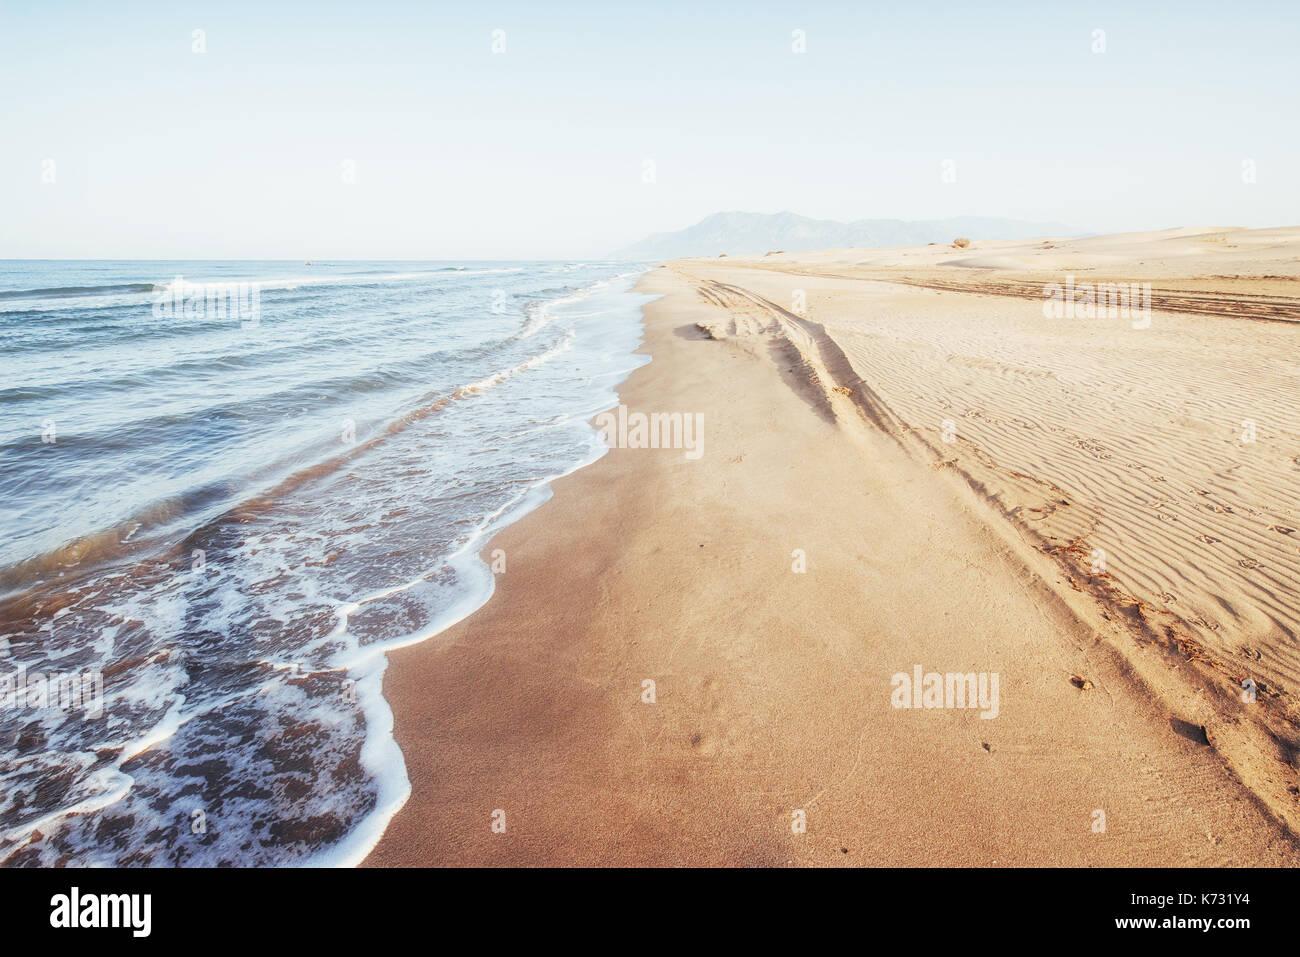 Fantastiche vedute della costa del mare con sabbia gialla e blu acqua Immagini Stock